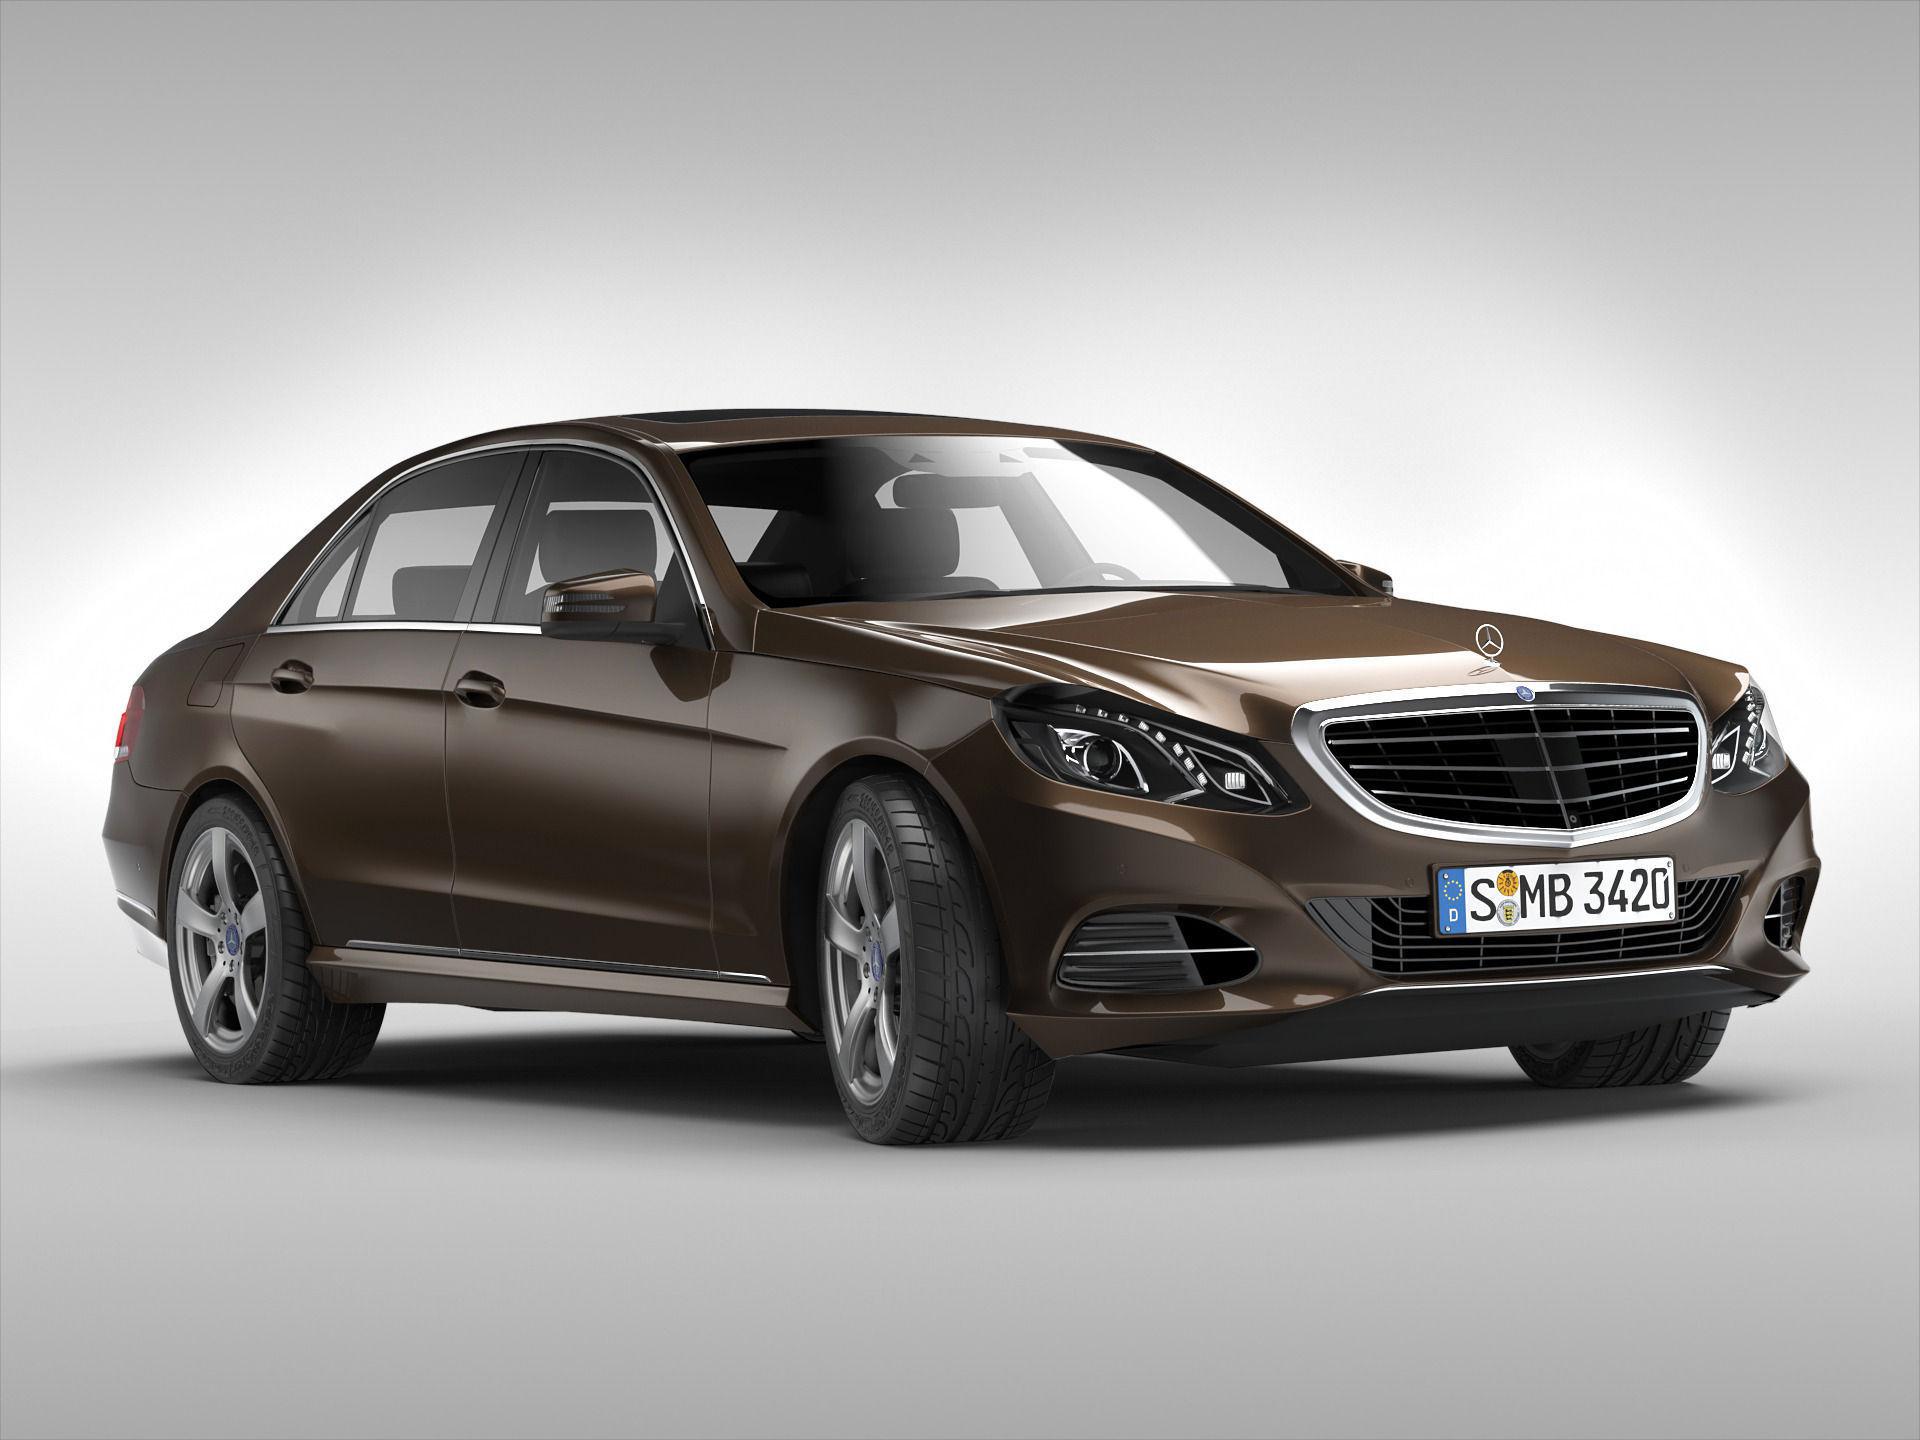 Mercedes benz e class 2014 3d model max obj 3ds fbx for Mercedes benz 2014 models